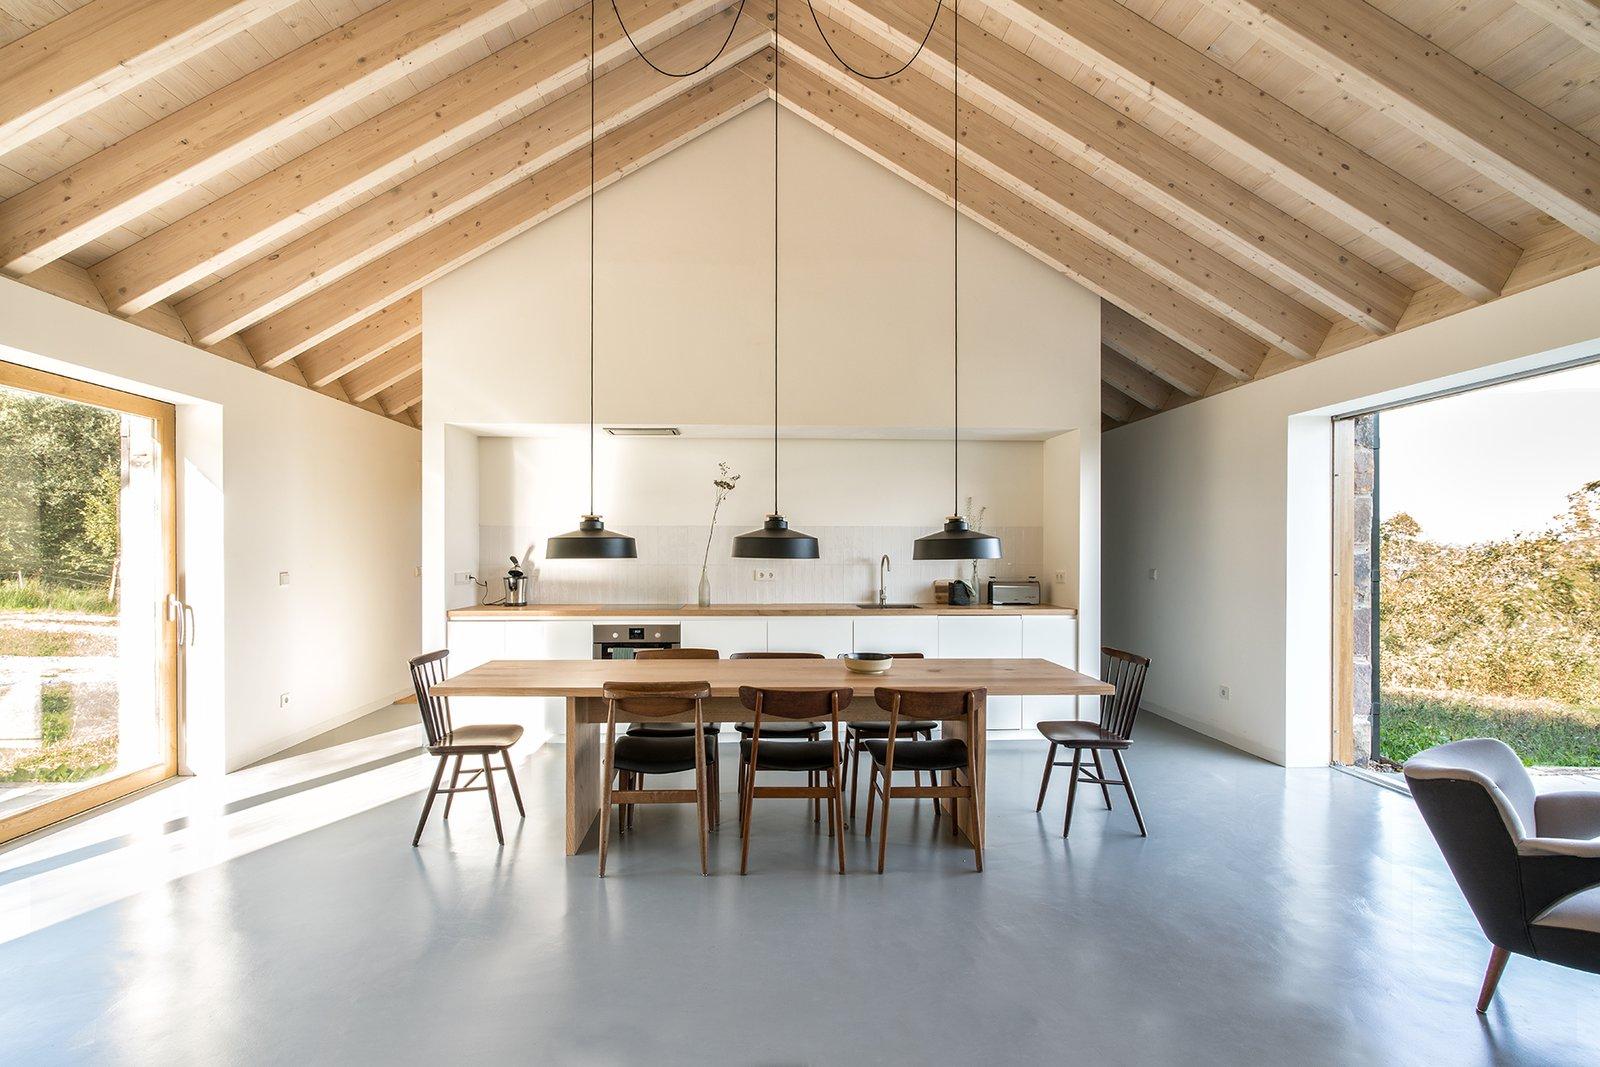 Villa Slow interior